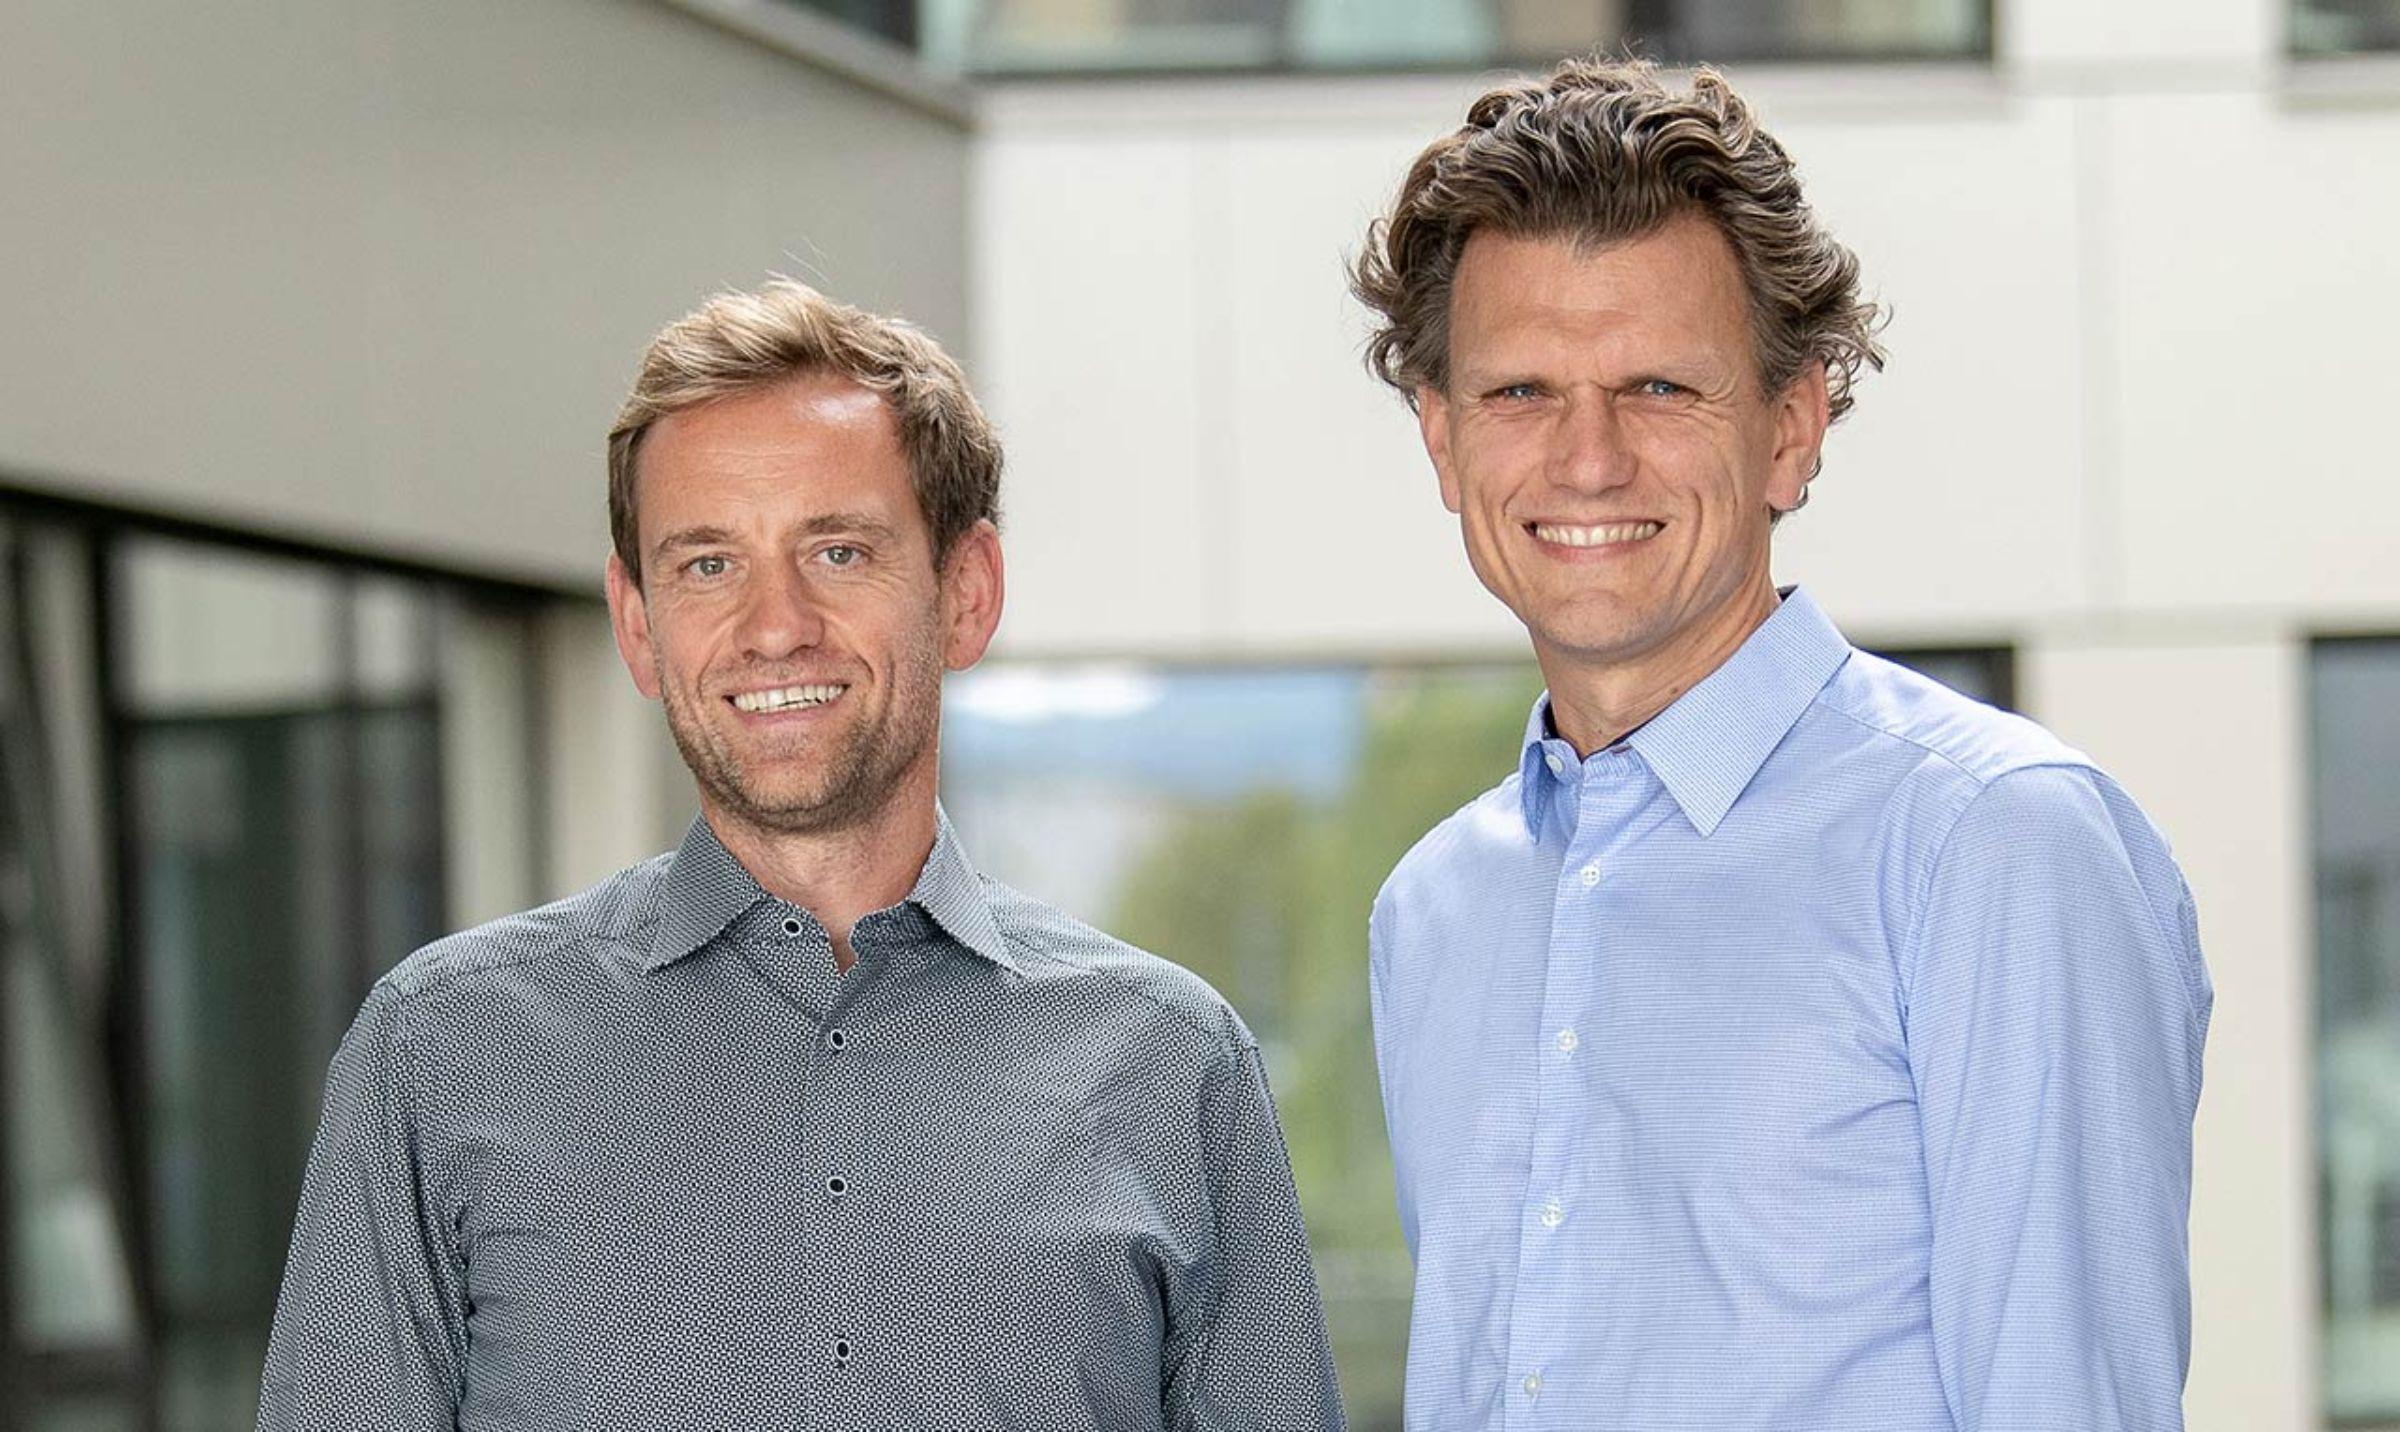 JobRad Geschäftsführung Ulrich Prediger und Holger Tumat